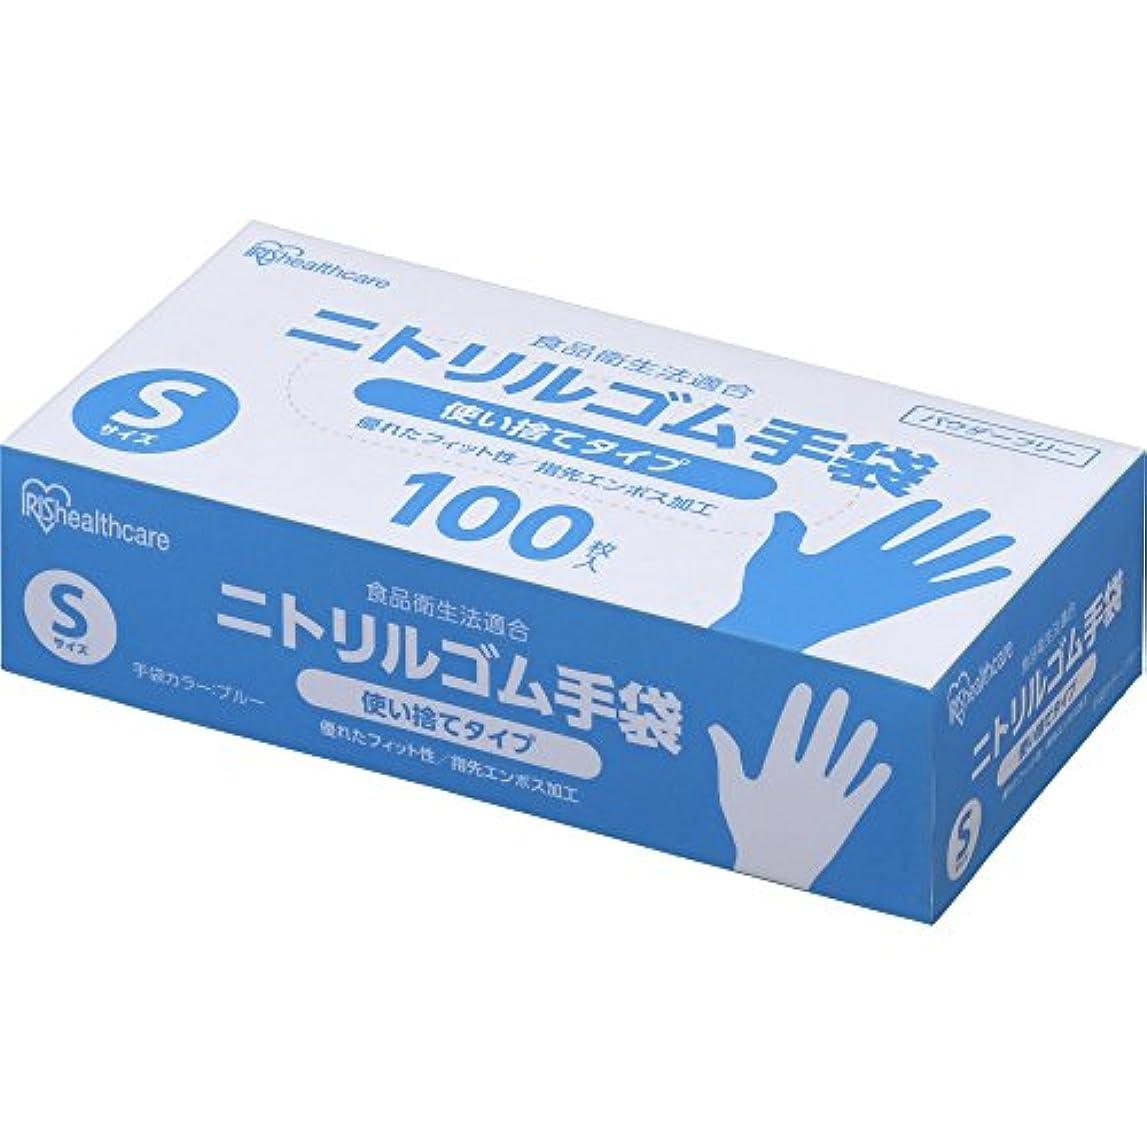 思い出す毛細血管トランスミッションアイリスオーヤマ 使い捨て手袋 ブルー ニトリルゴム 100枚 Sサイズ 業務用